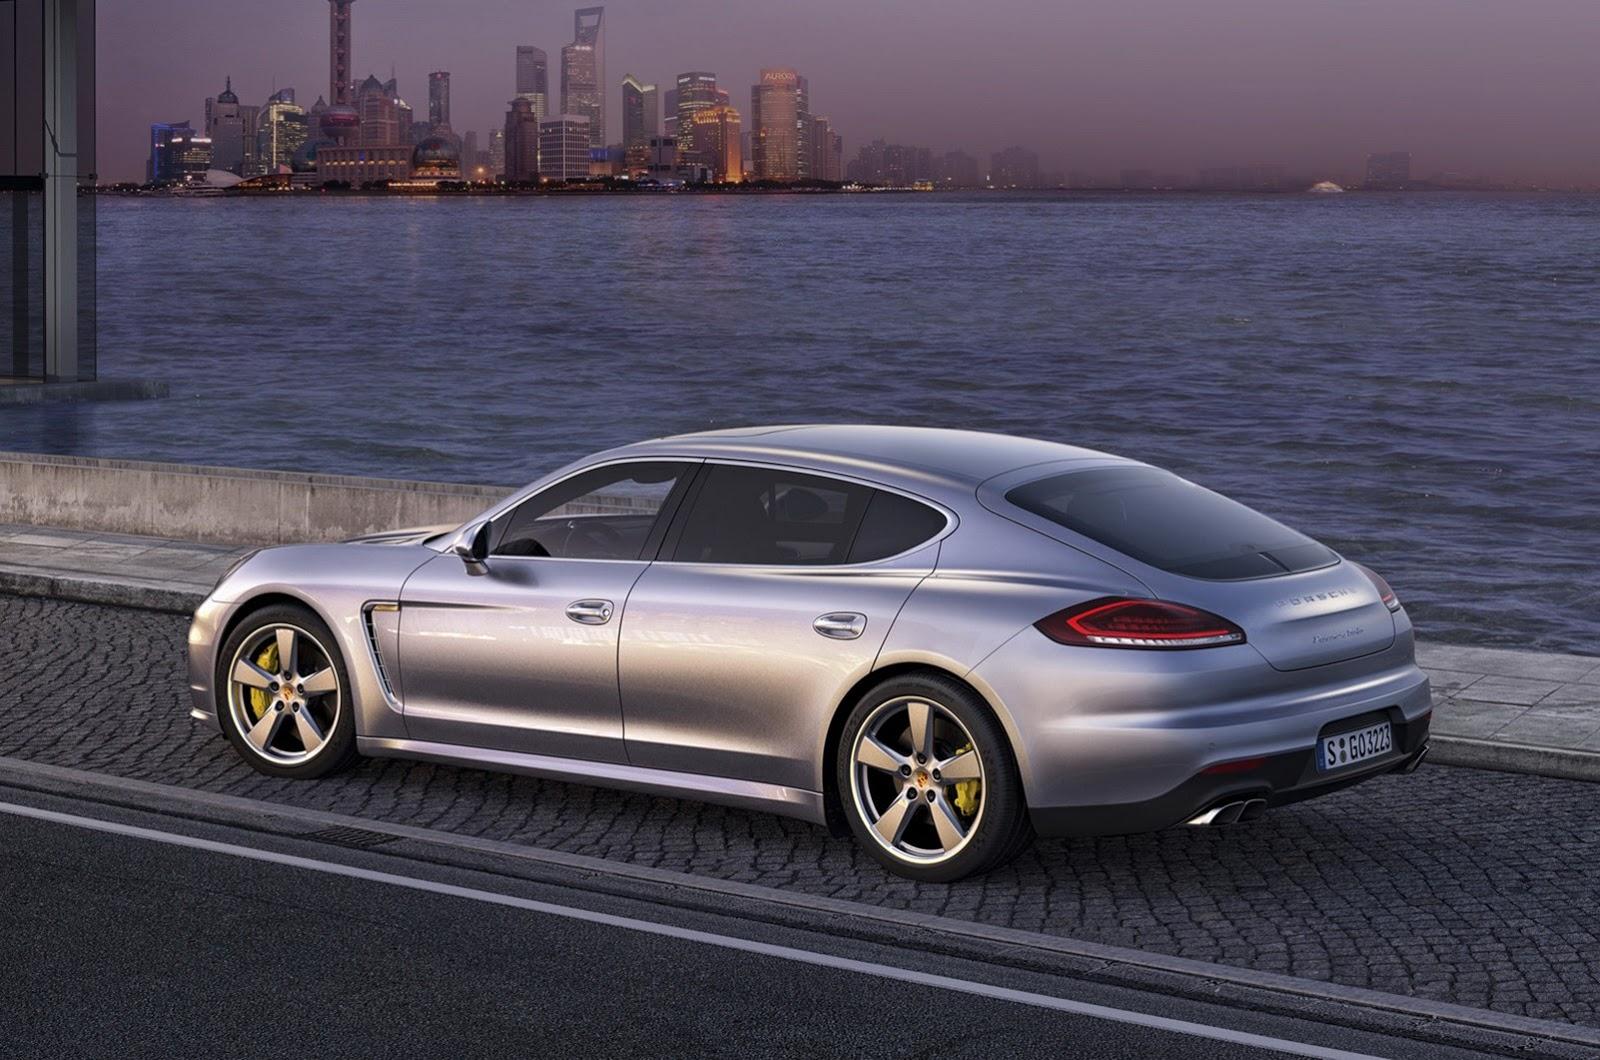 2013 - [Porsche] Panamera restylée - Page 3 2014-Porsche-Panamera-3%25255B2%25255D